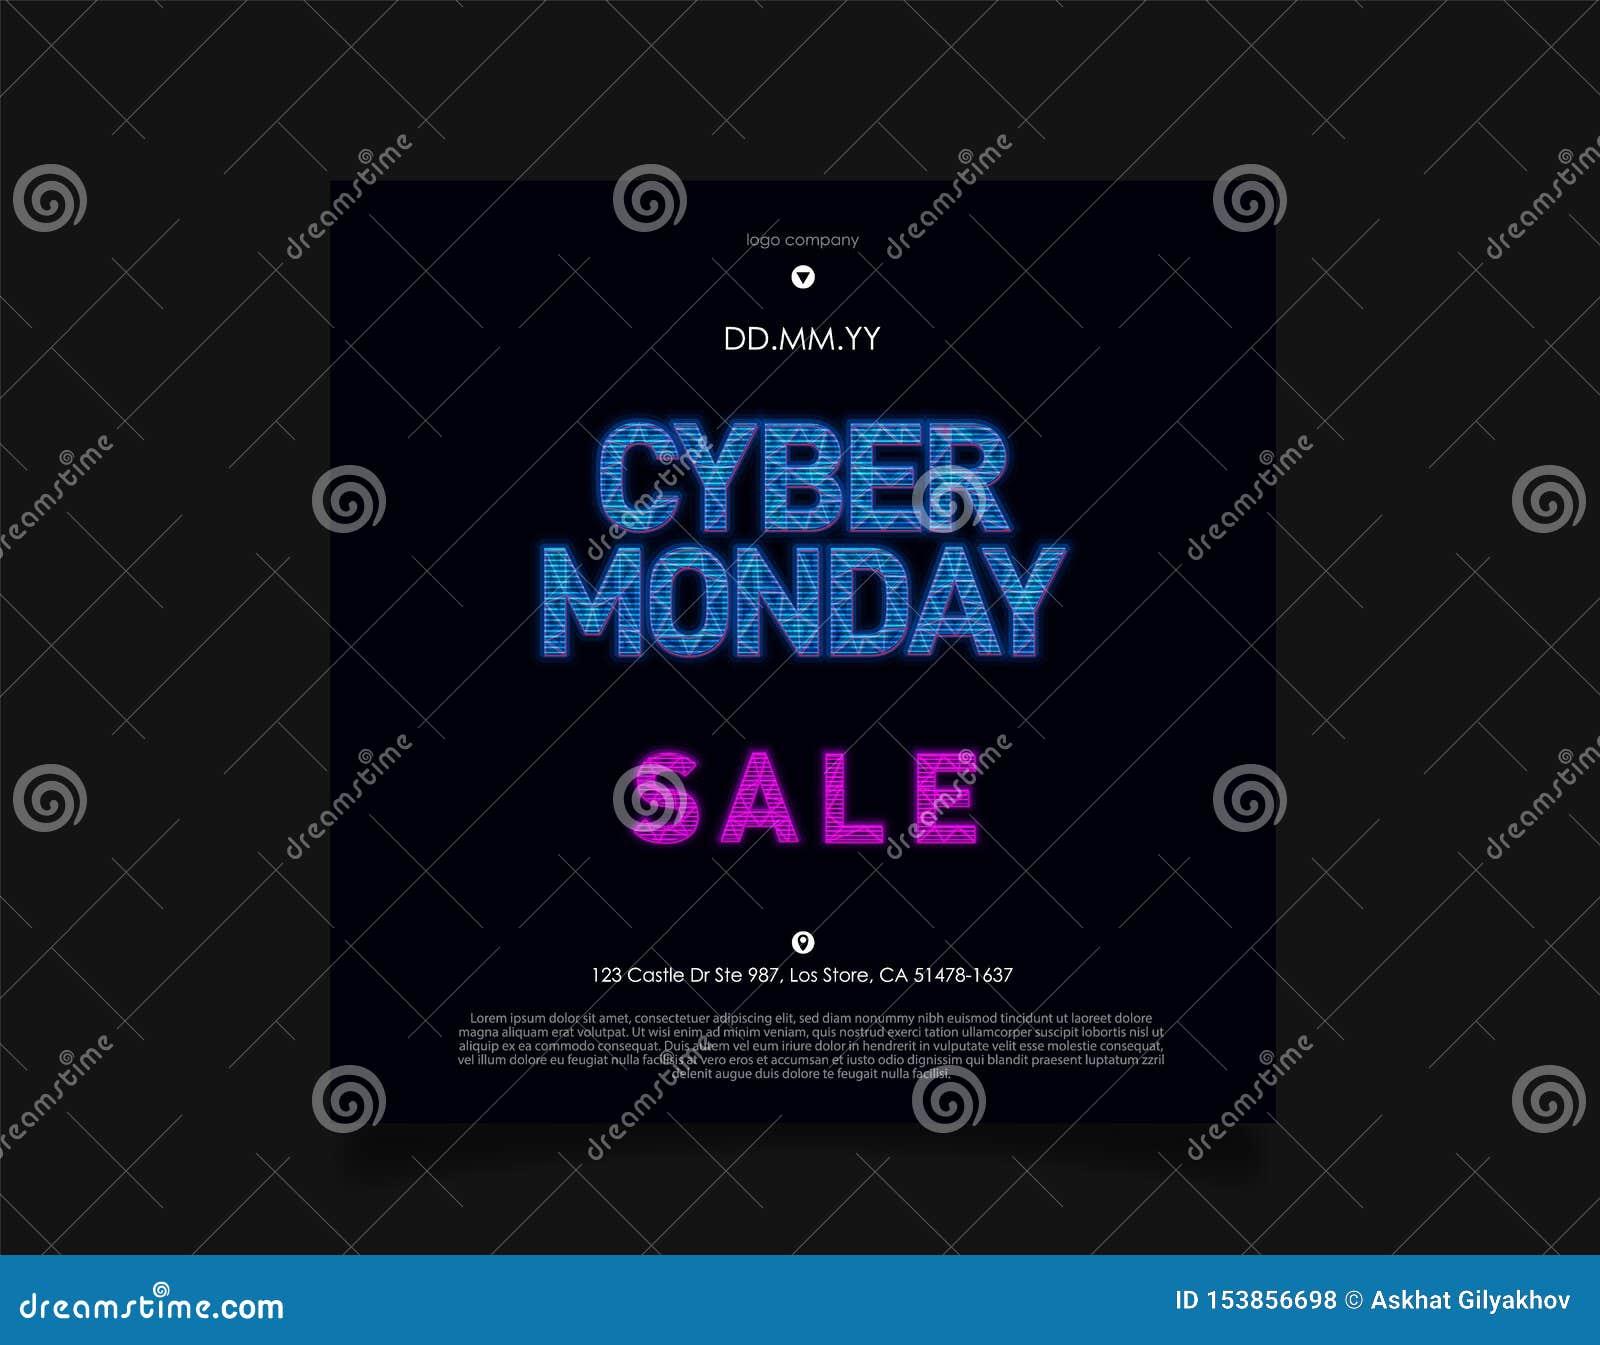 Inscrição da venda de segunda-feira do Cyber no estilo futurista de HUD do holograma no fundo escuro com luzes azuis Projeto para